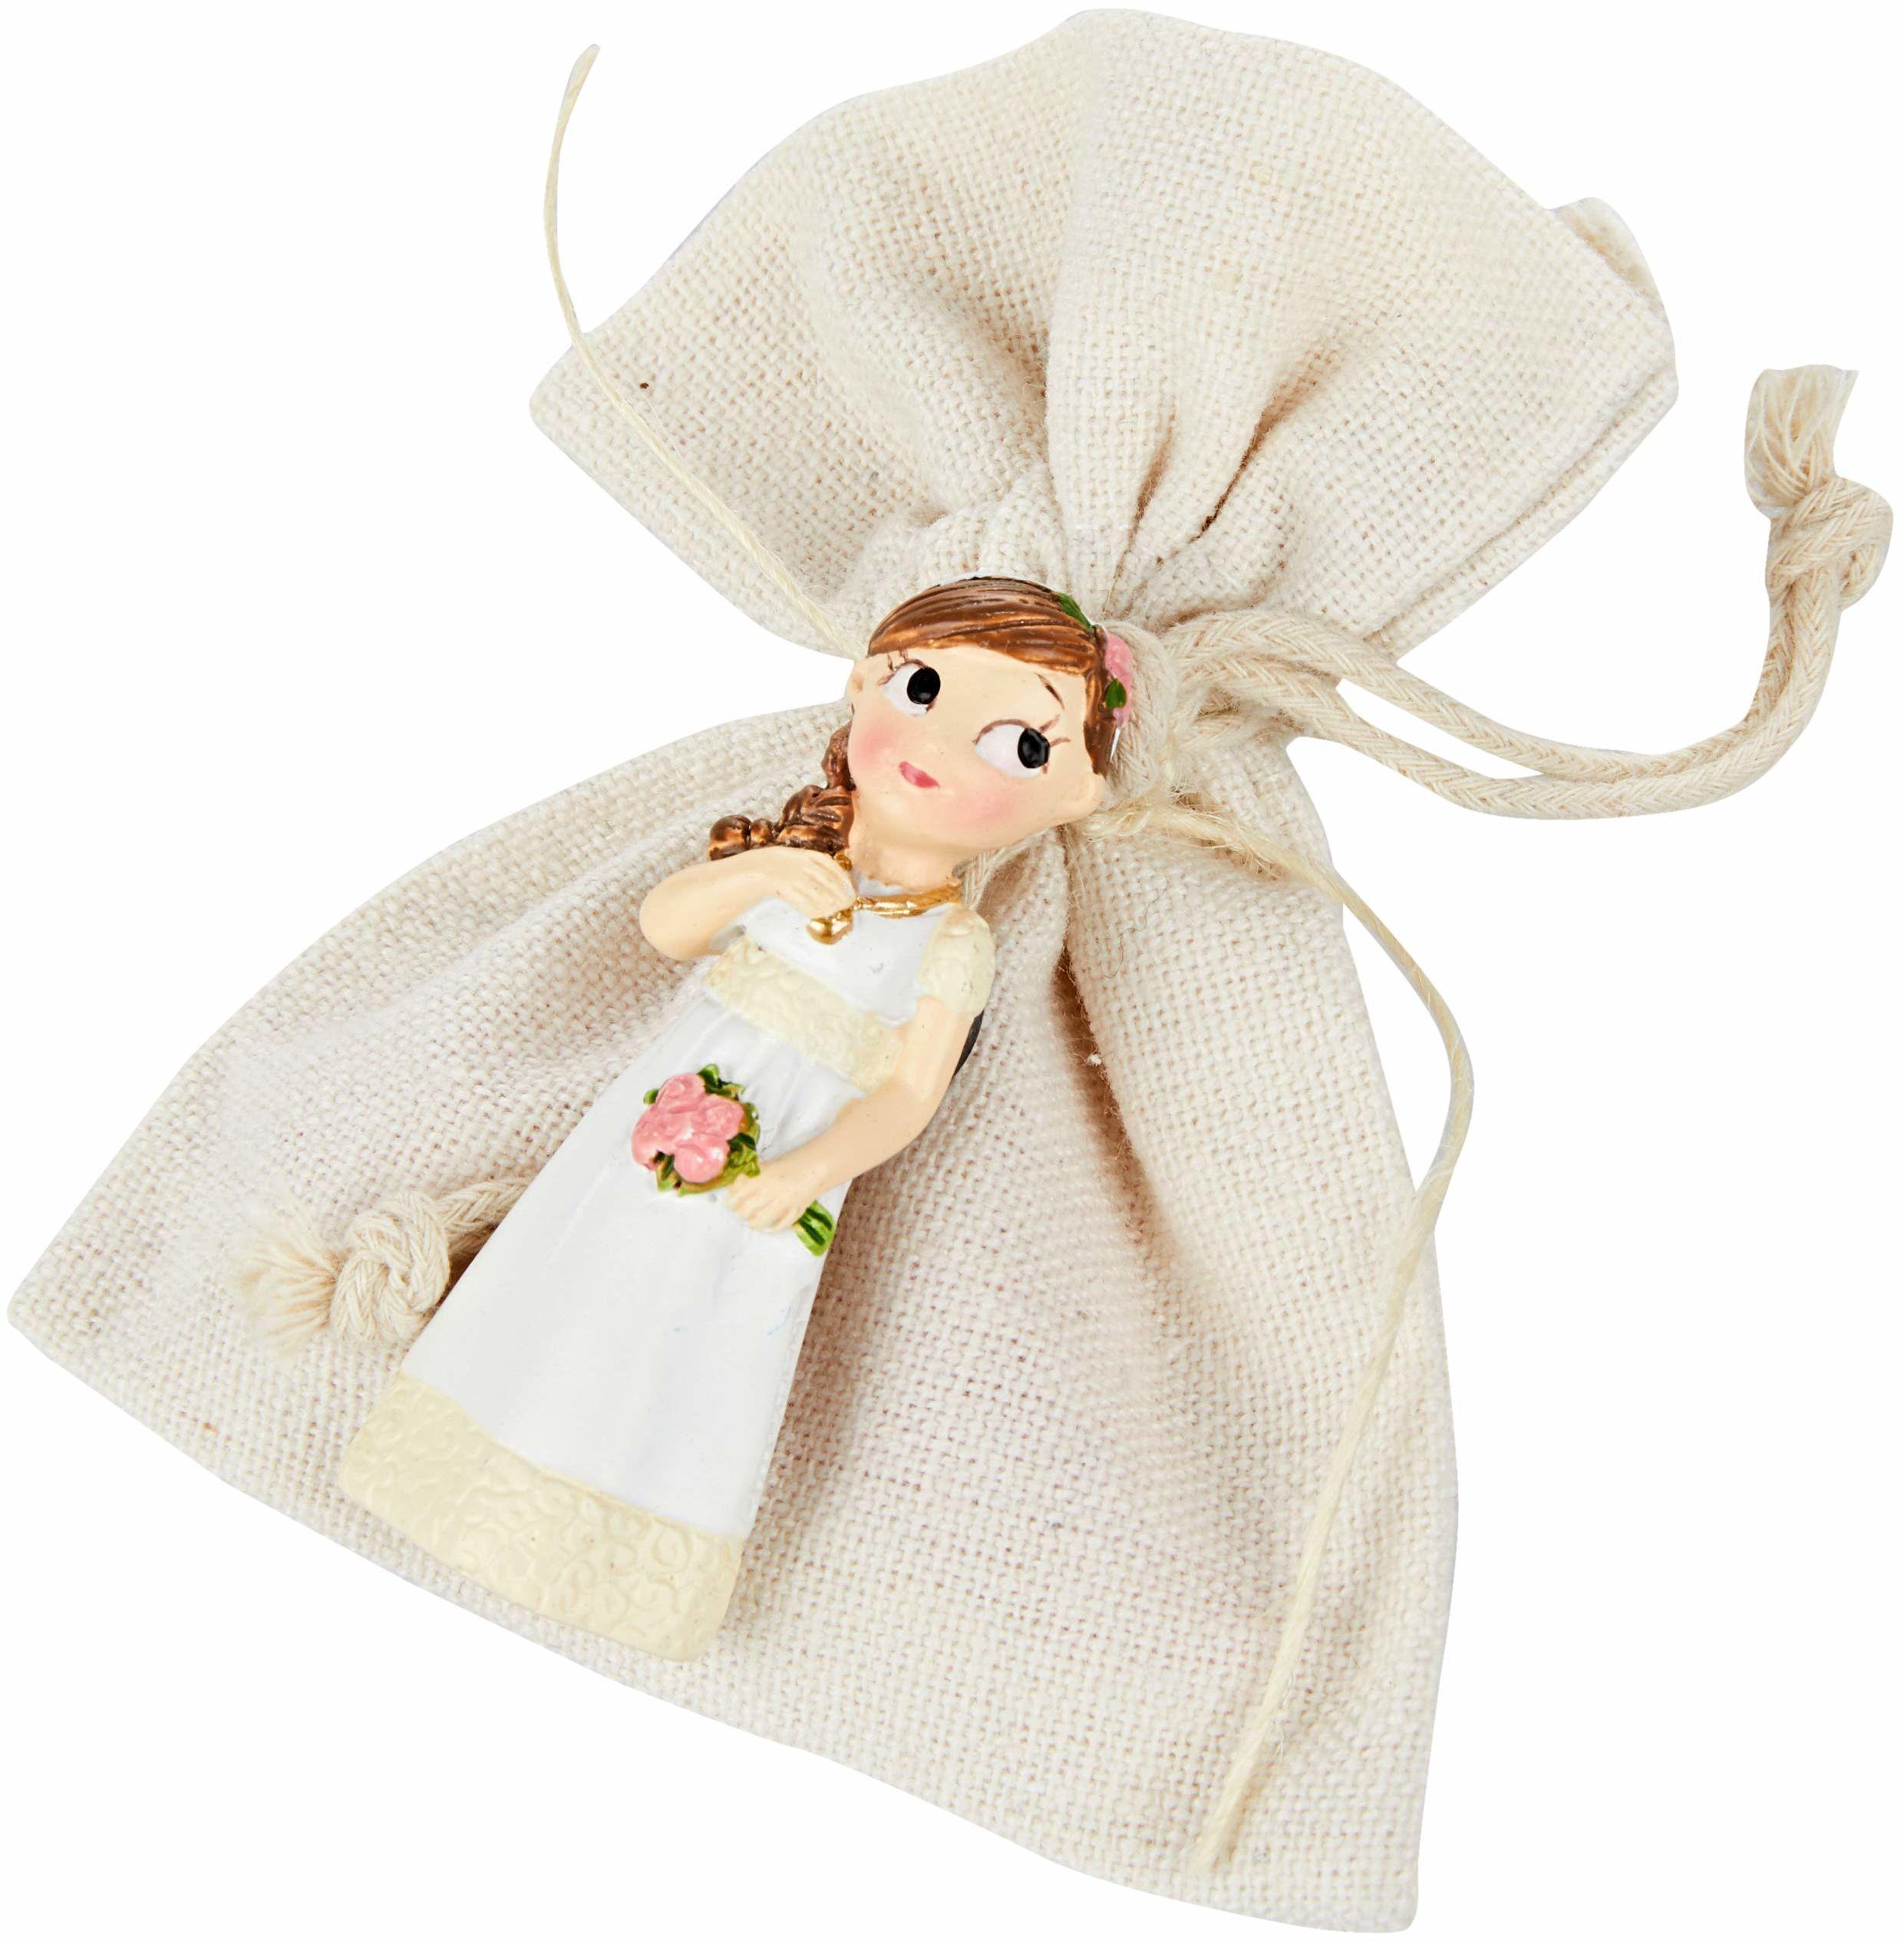 Mopec ZD9690 magnes dla dziewcząt, na komunię, romantyczny, w woreczku, 3 słodycze, materiał, wielokolorowy, rozmiar uniwersalny